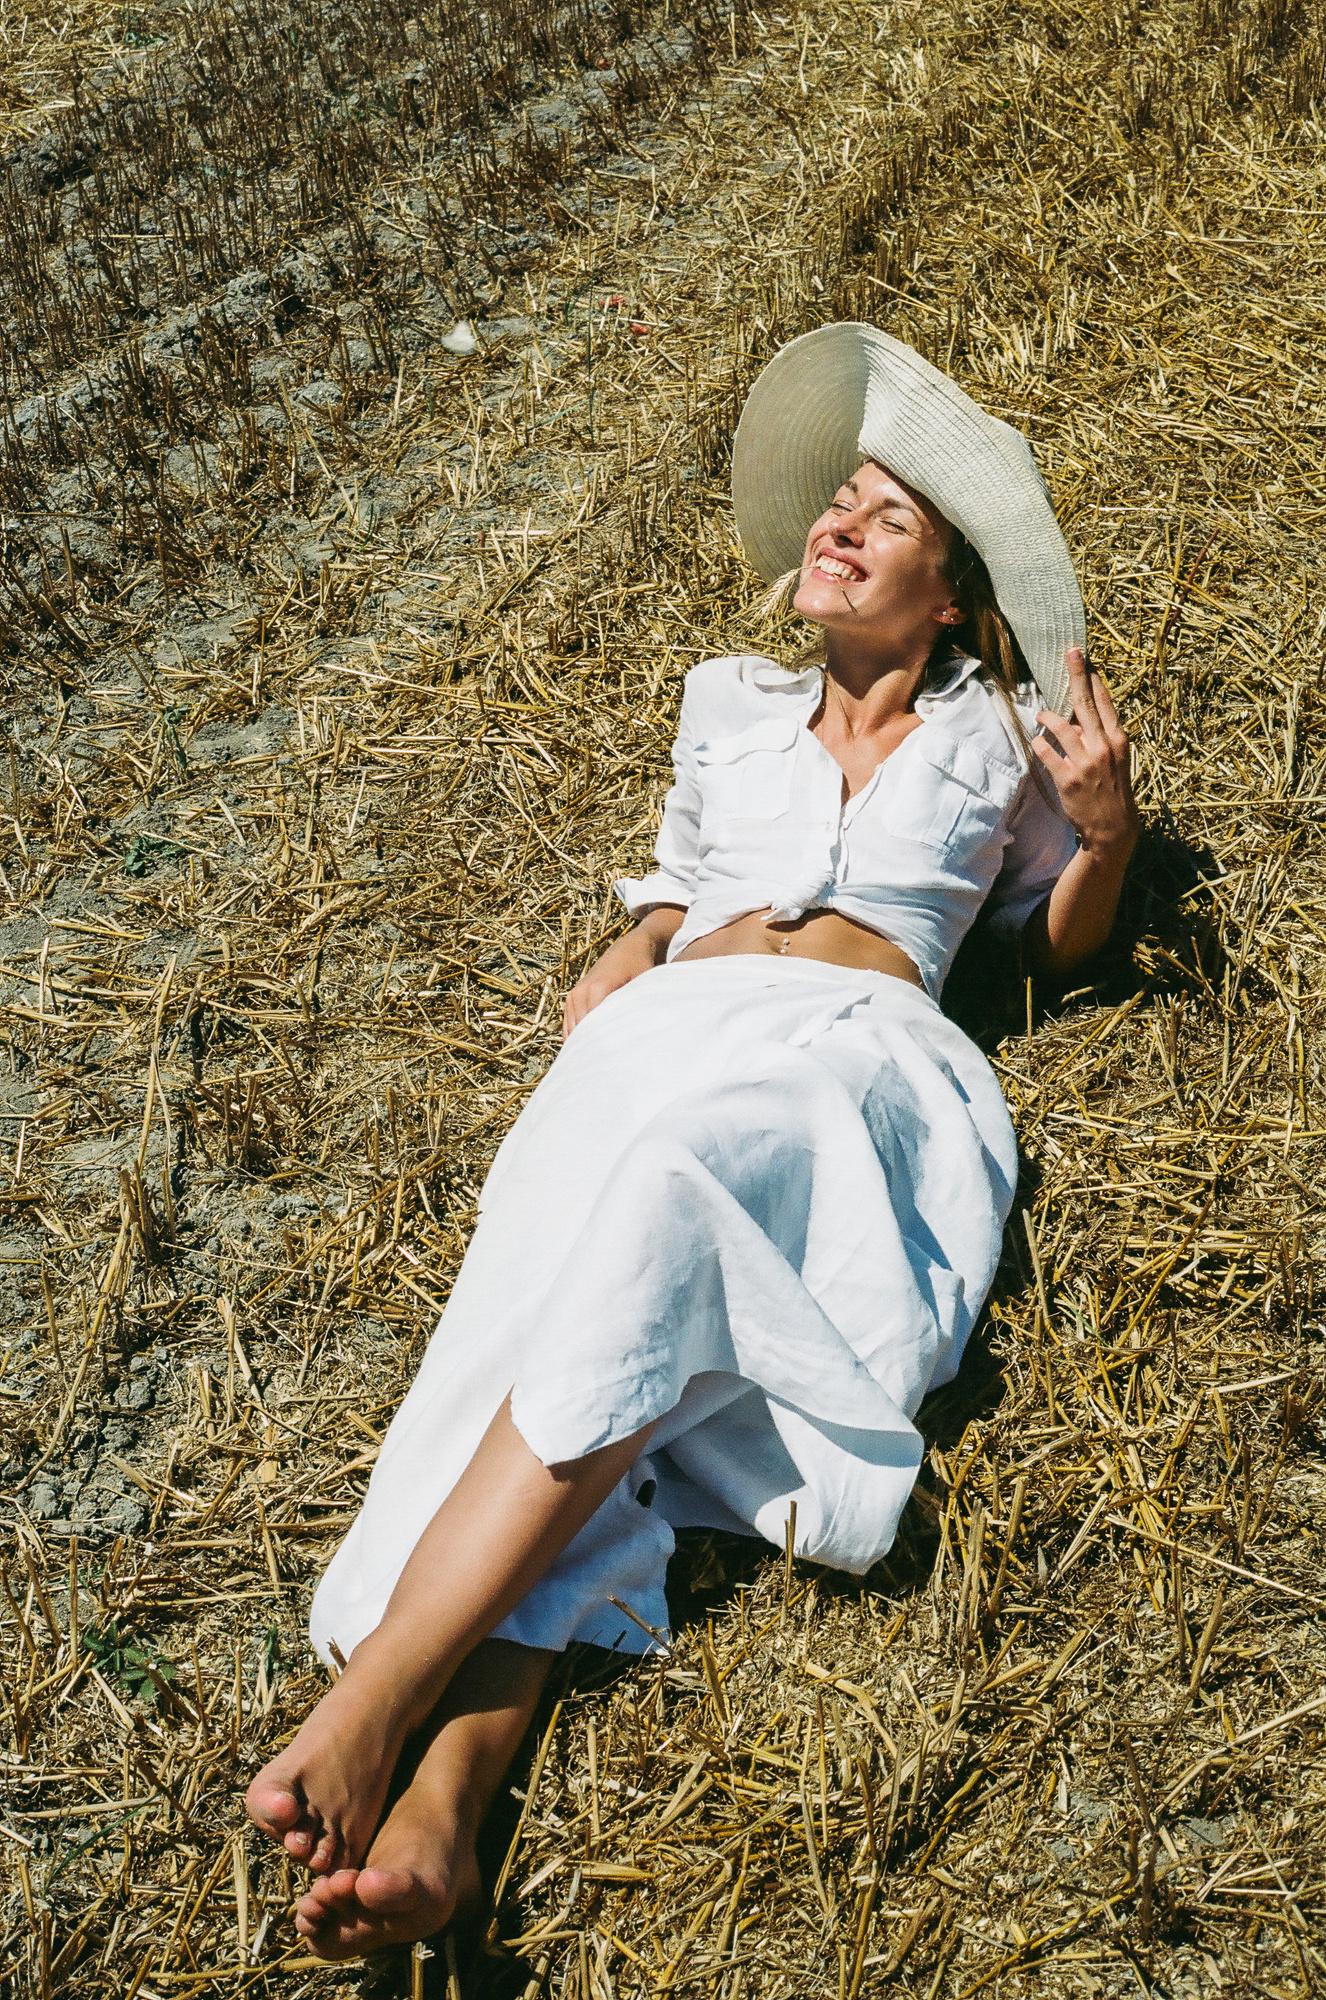 Modella che ride con camicia bianca annodata, gonna bianca e capello di paglia, sdraiata in mezzo a un campo di grano, con spiga tra i denti, fotografia analogica